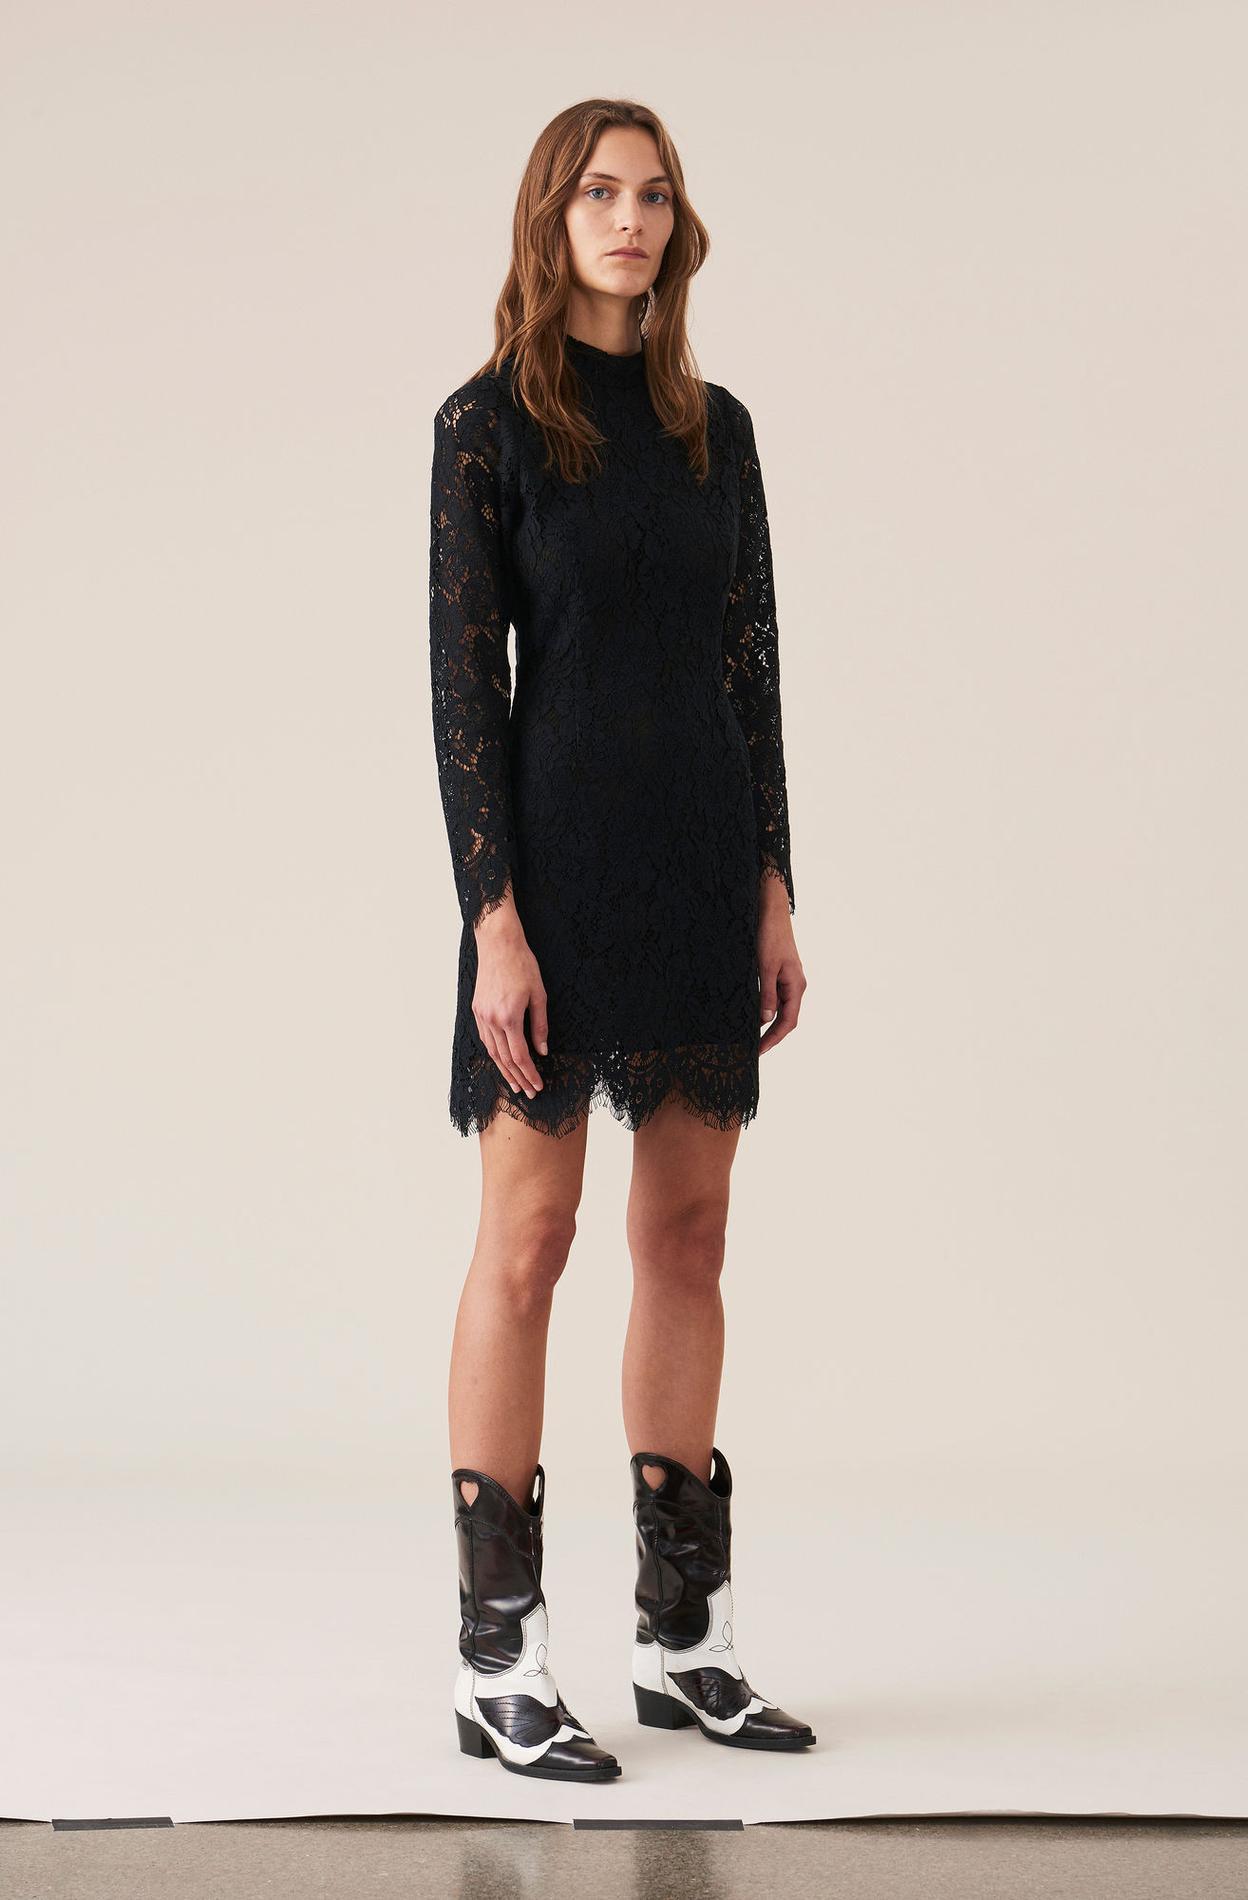 210d09e7805 ... Notre sélection de robes noires pour les fêtes de fin d année - Ganni  ...